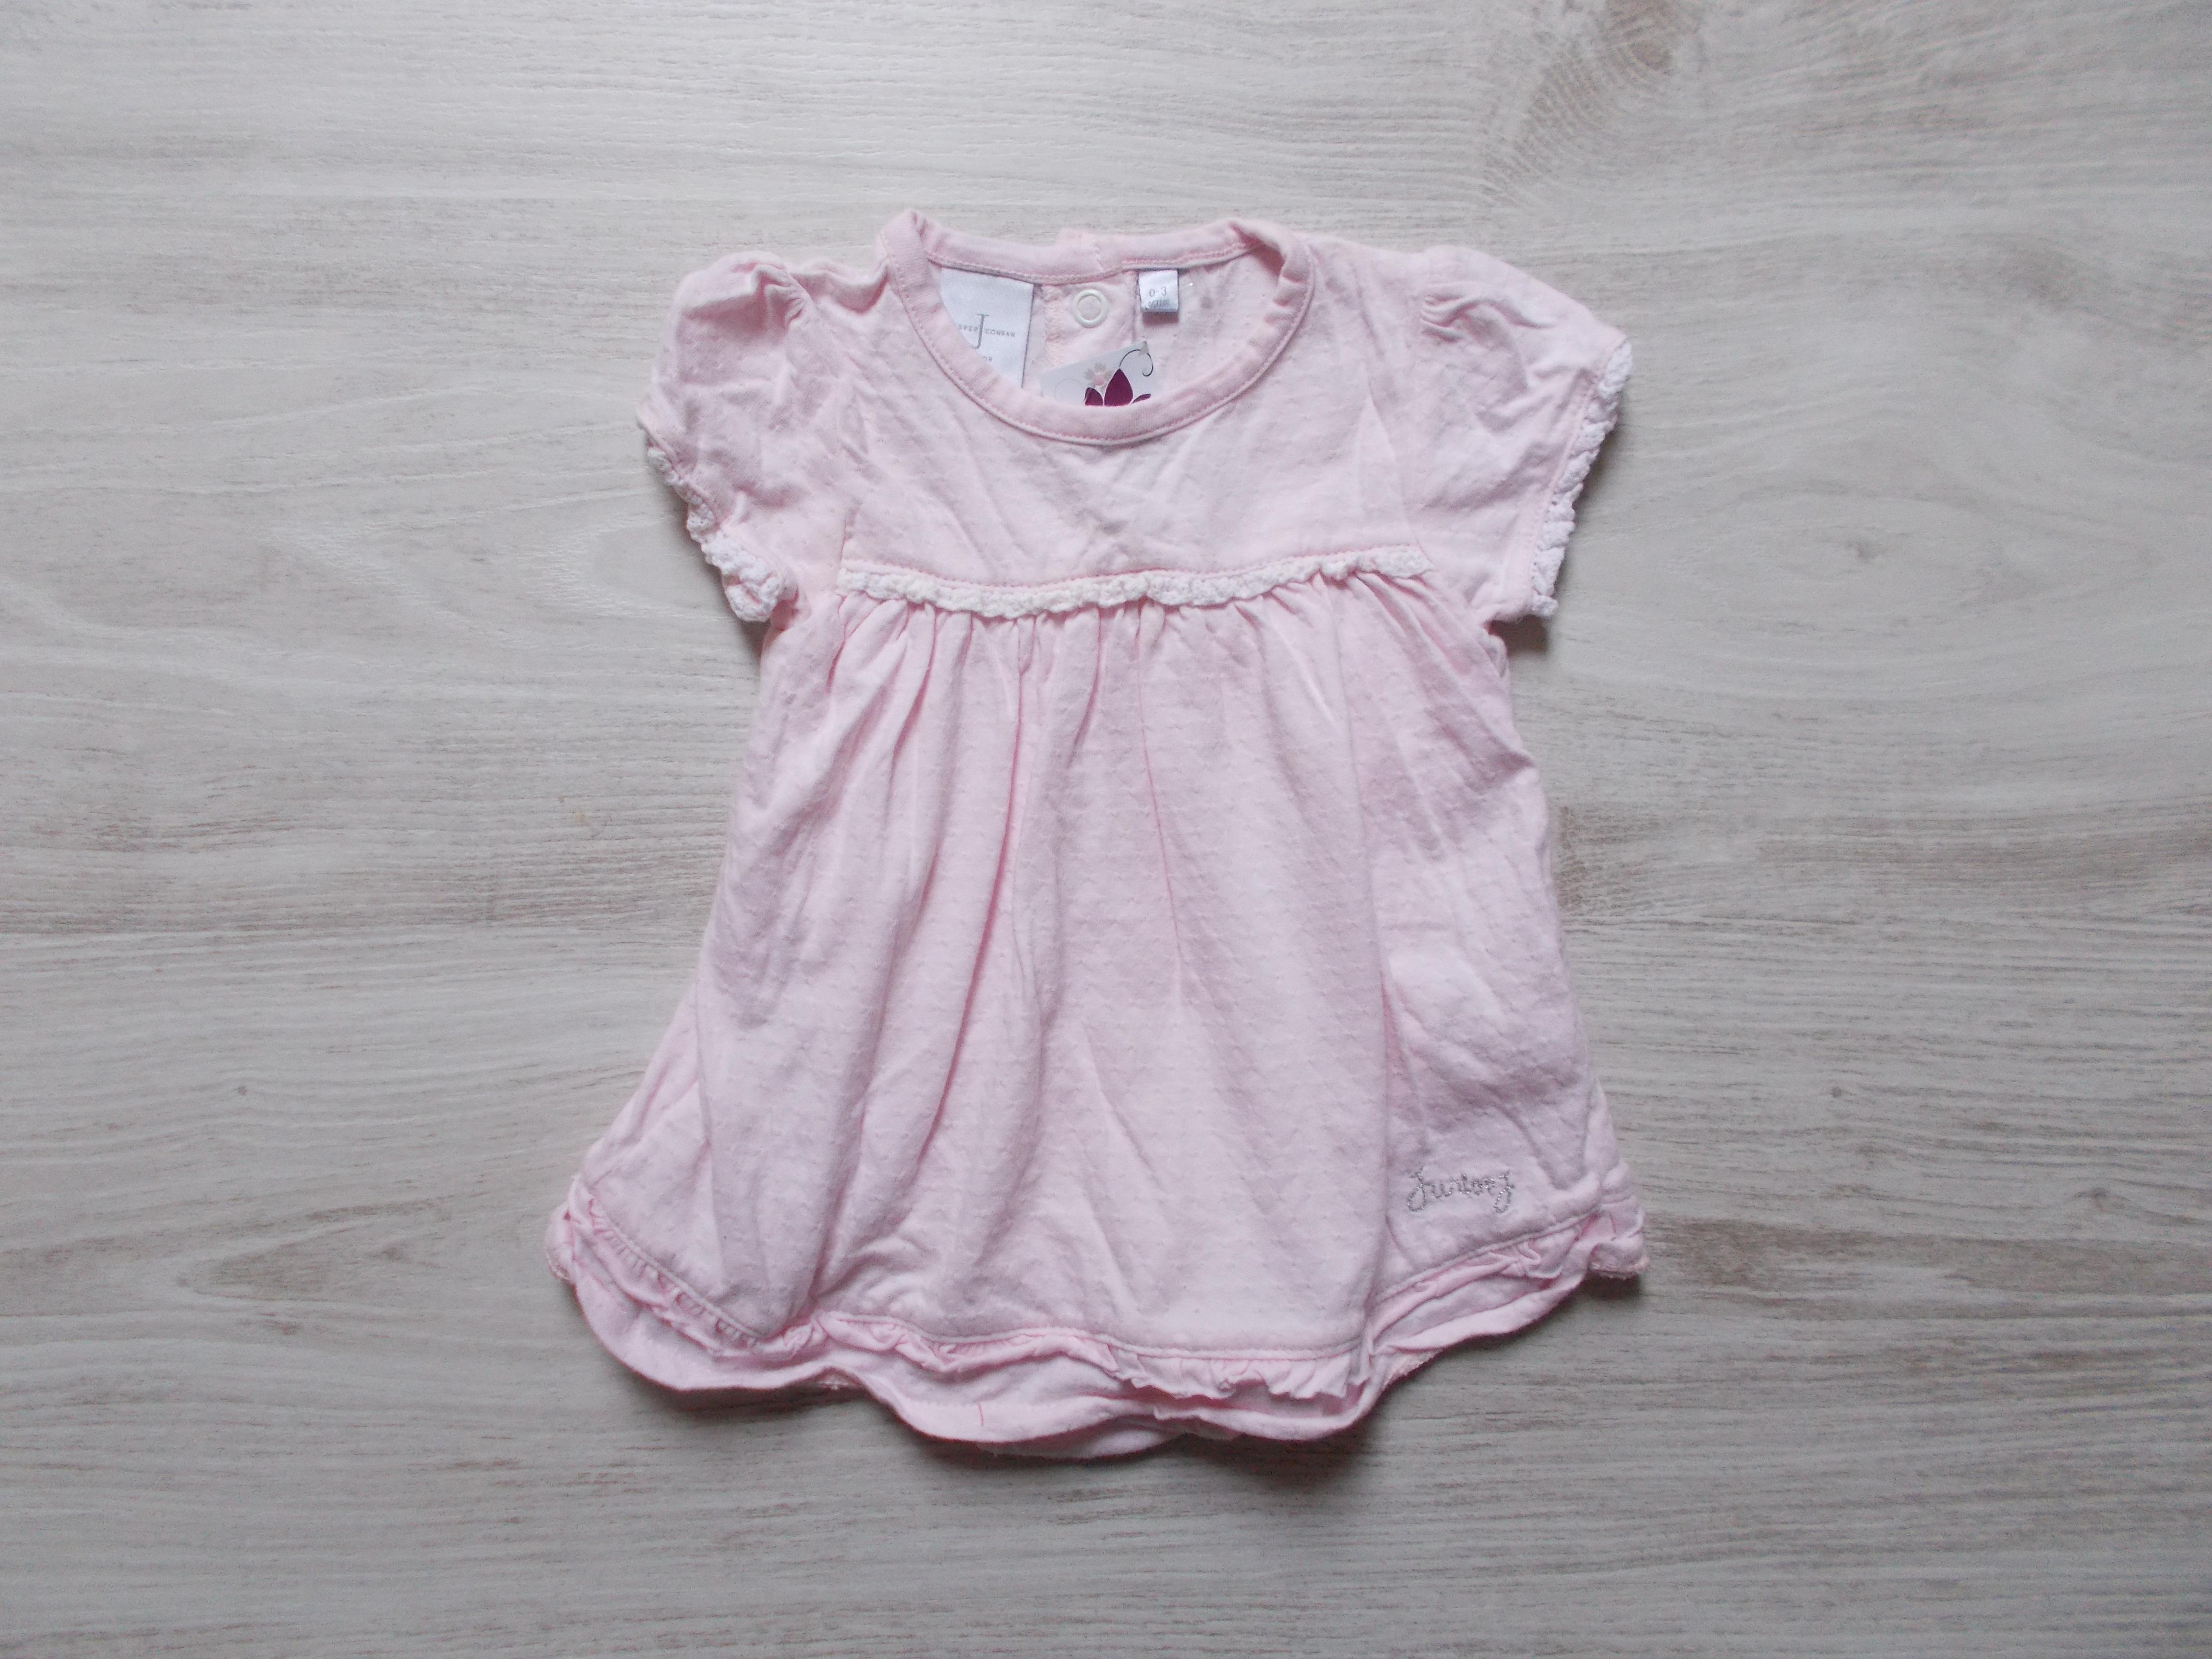 a8b7e65ba0 Rózsaszín ruha [62 (0-3 hó) / Lány ruhák] :: Lótusz Gyerekruha Webshop